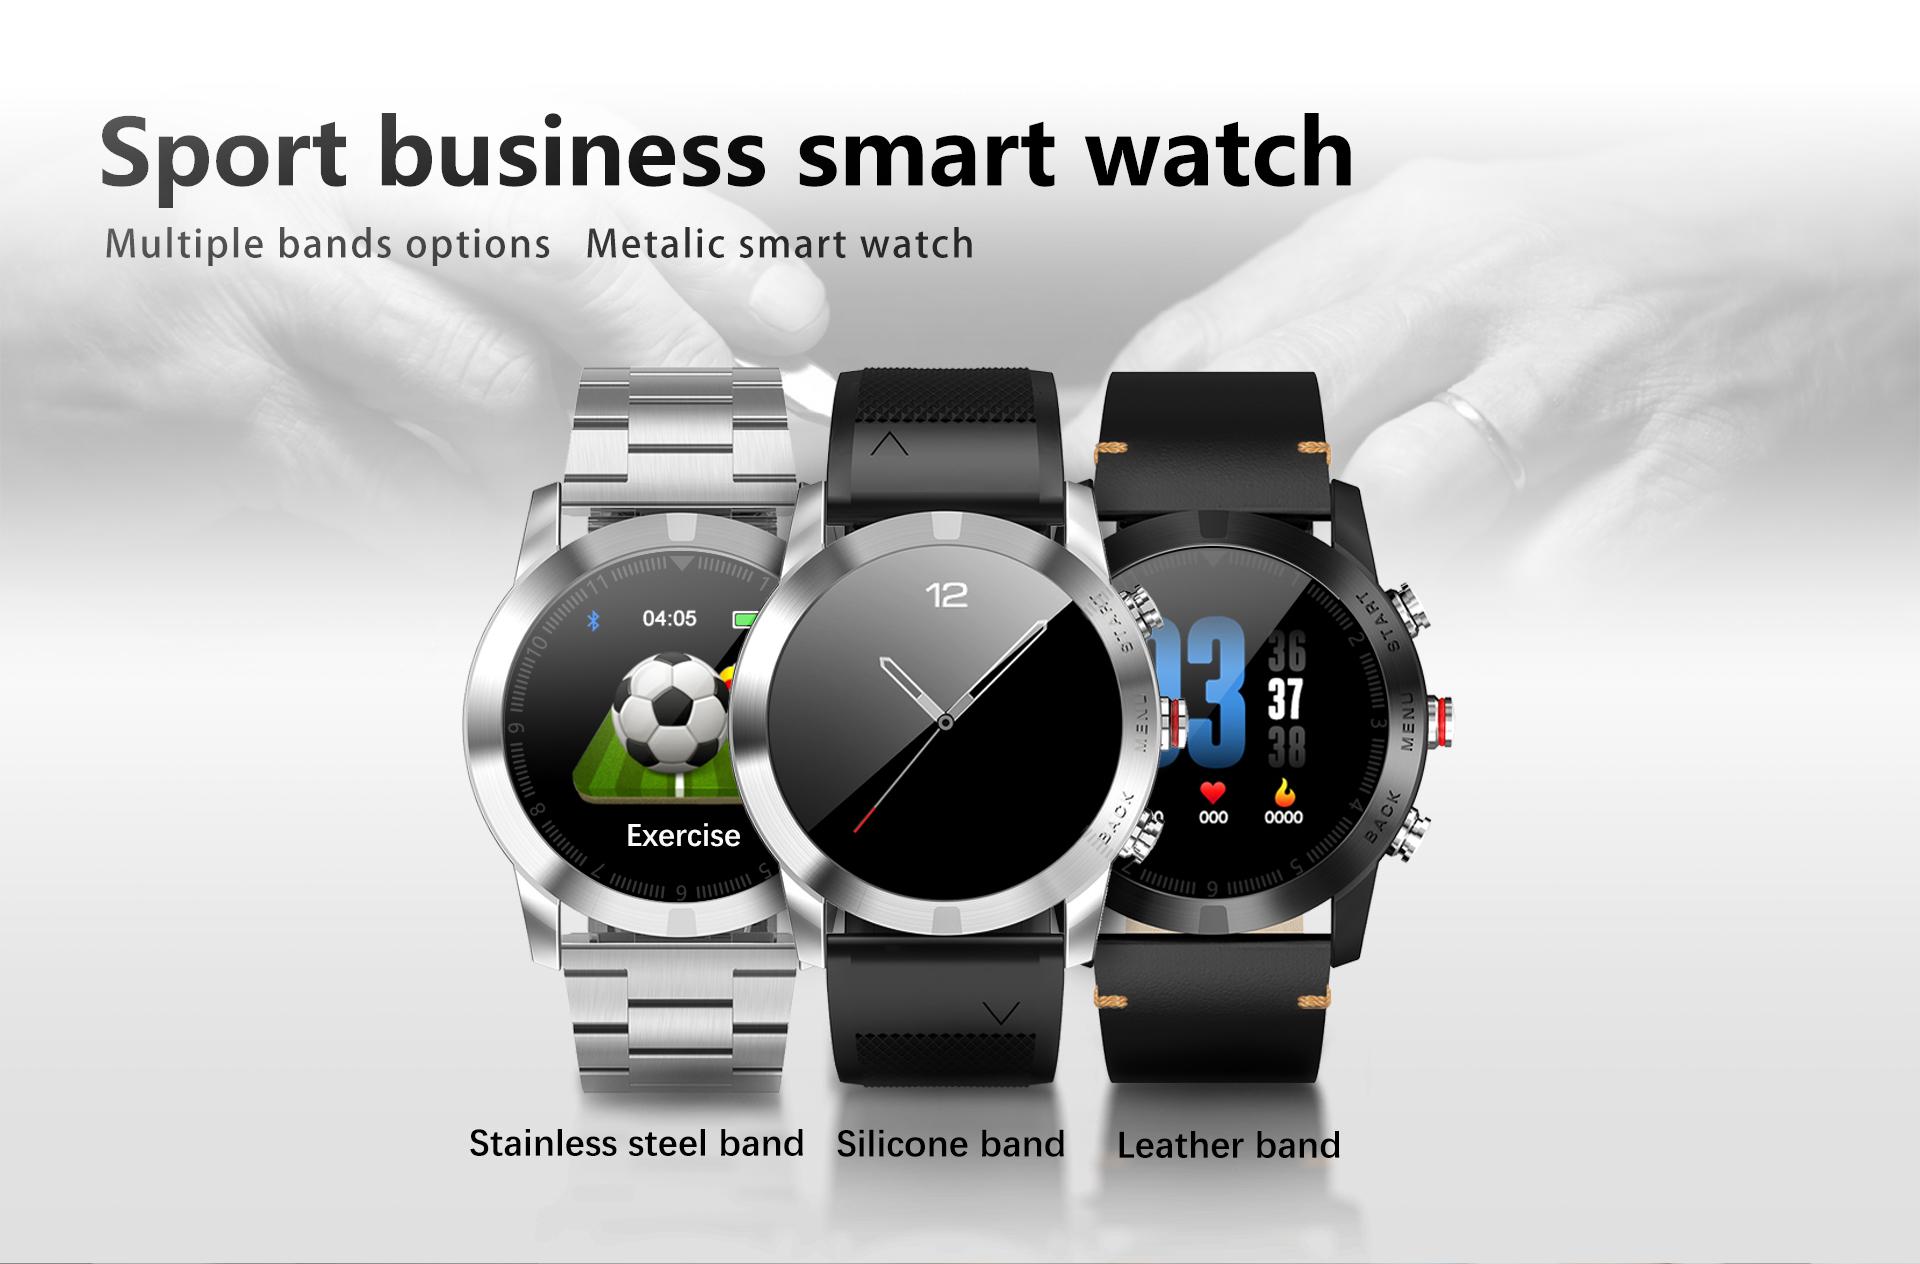 Los Al No Inteligente Será En Próximos Reloj Días Lanzado Mercado El hQBtsrdCx